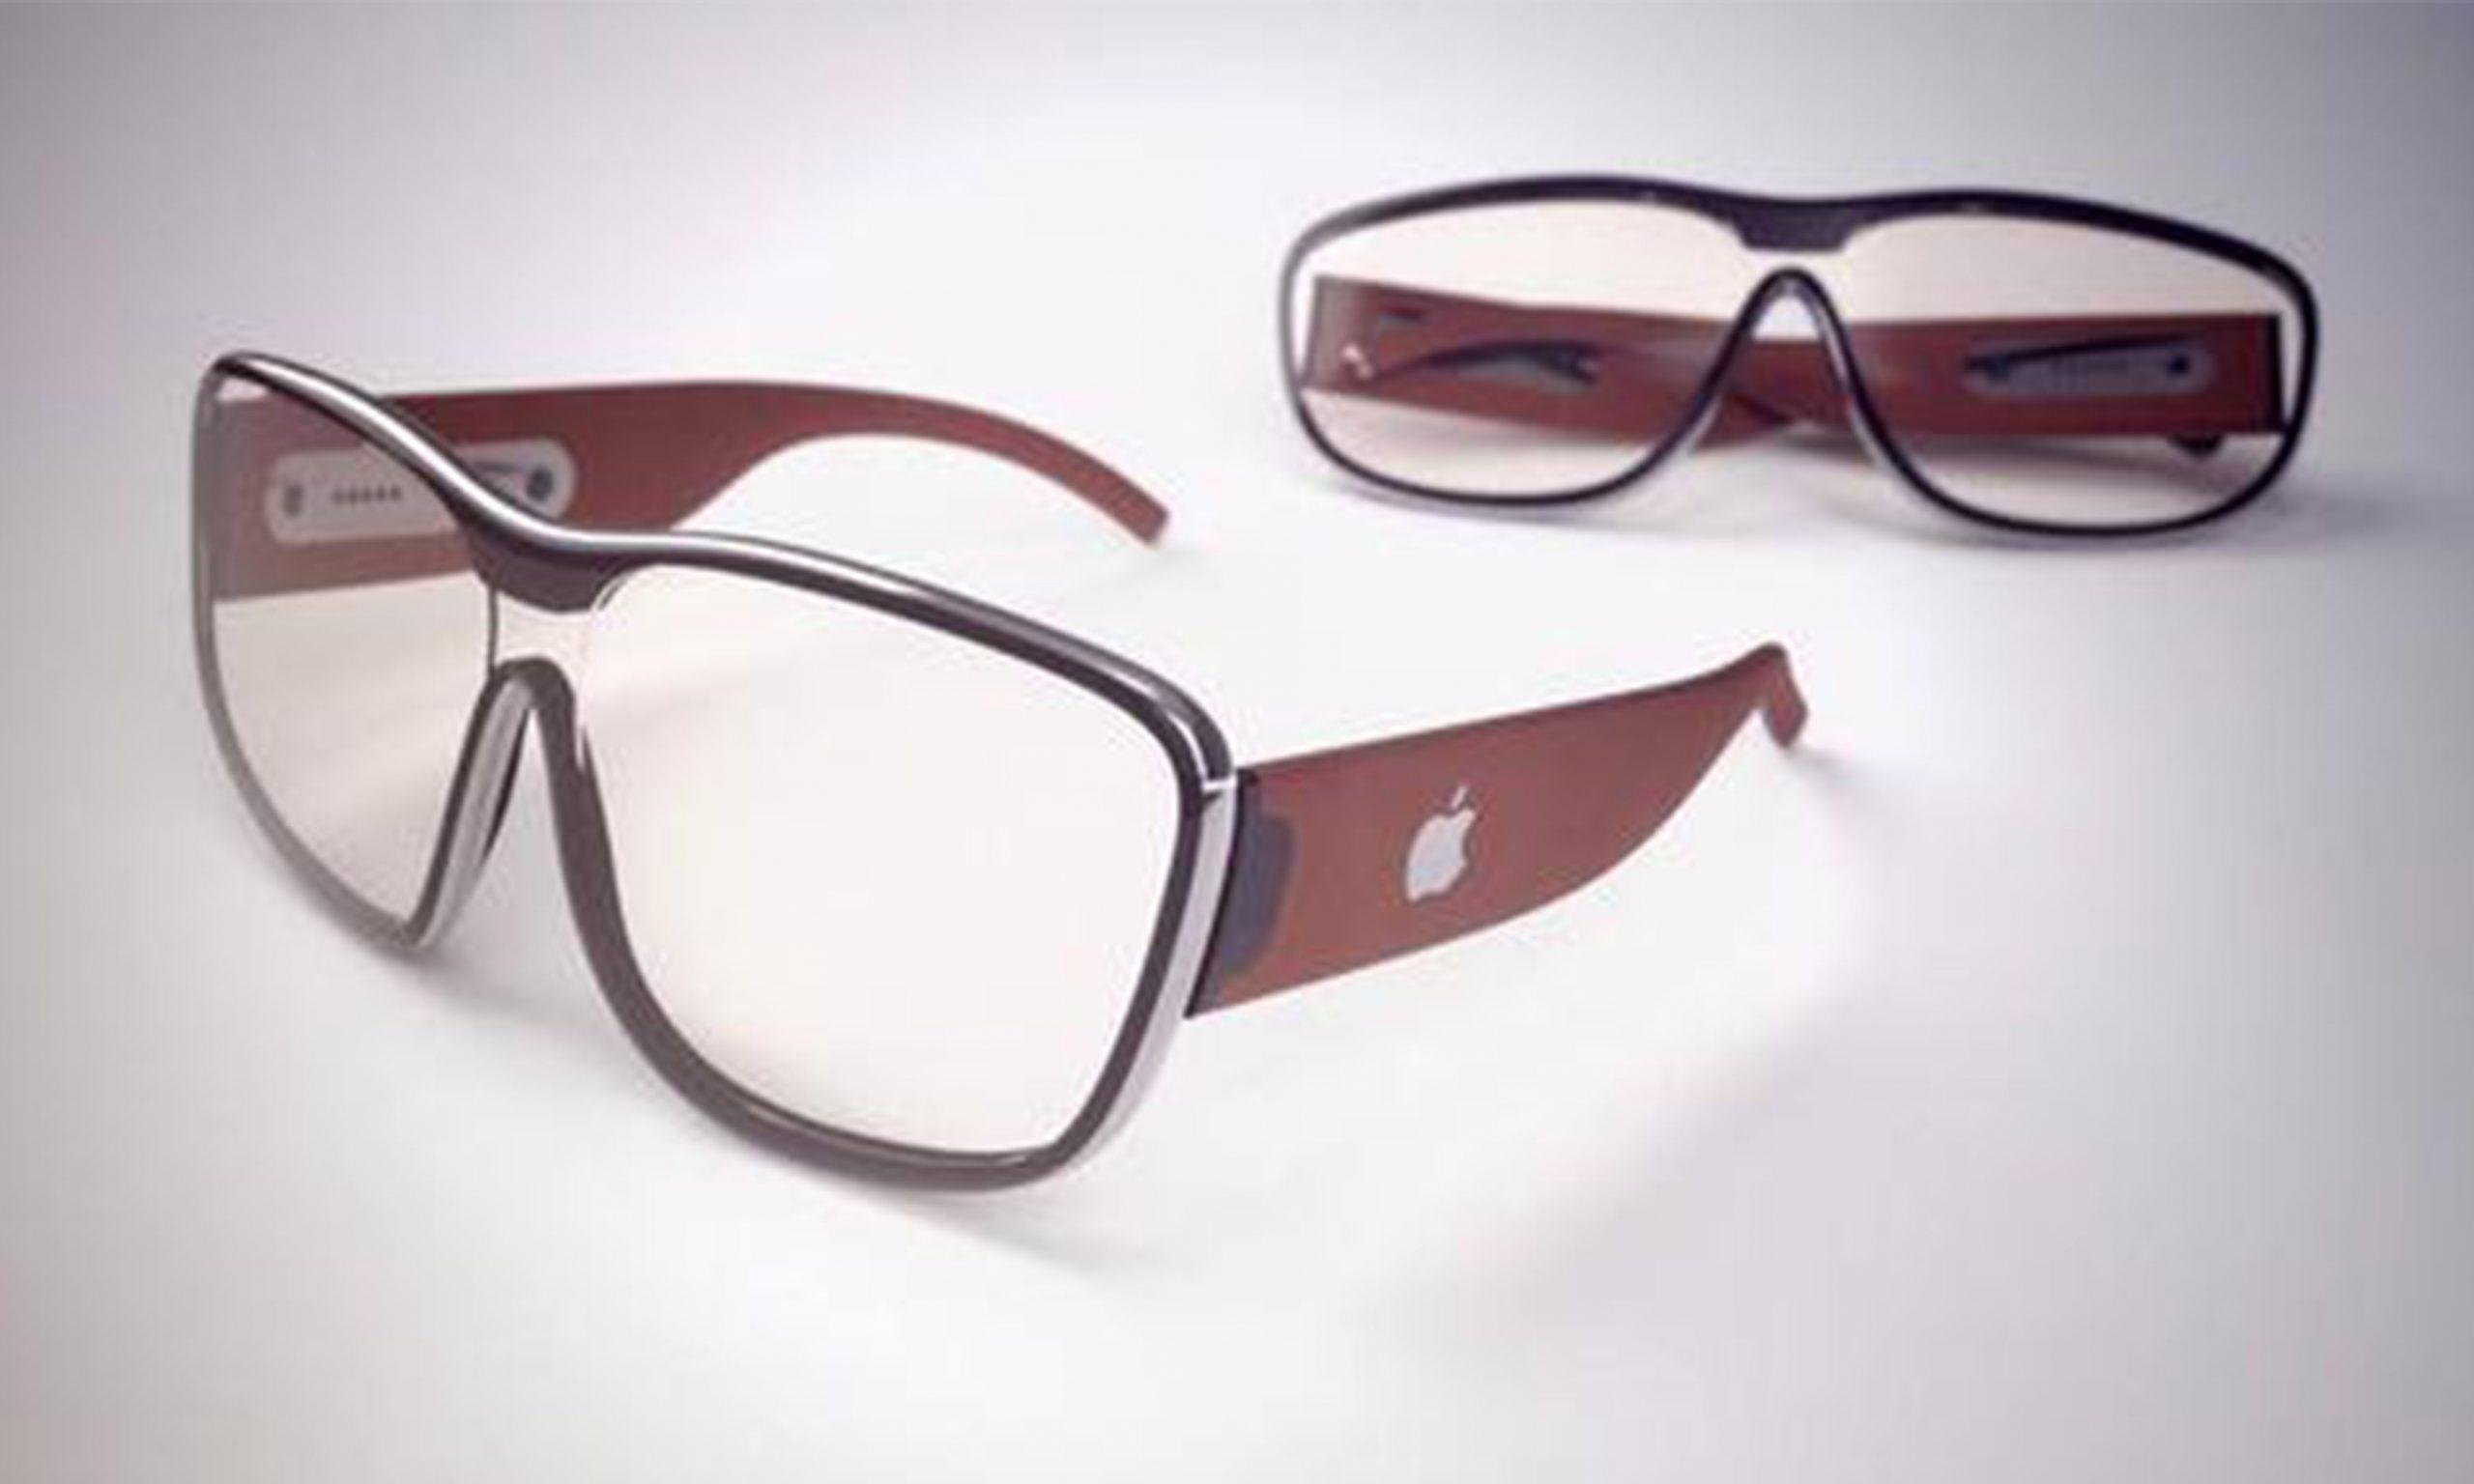 苹果或将推出 AR 眼镜,售价 499 美元起